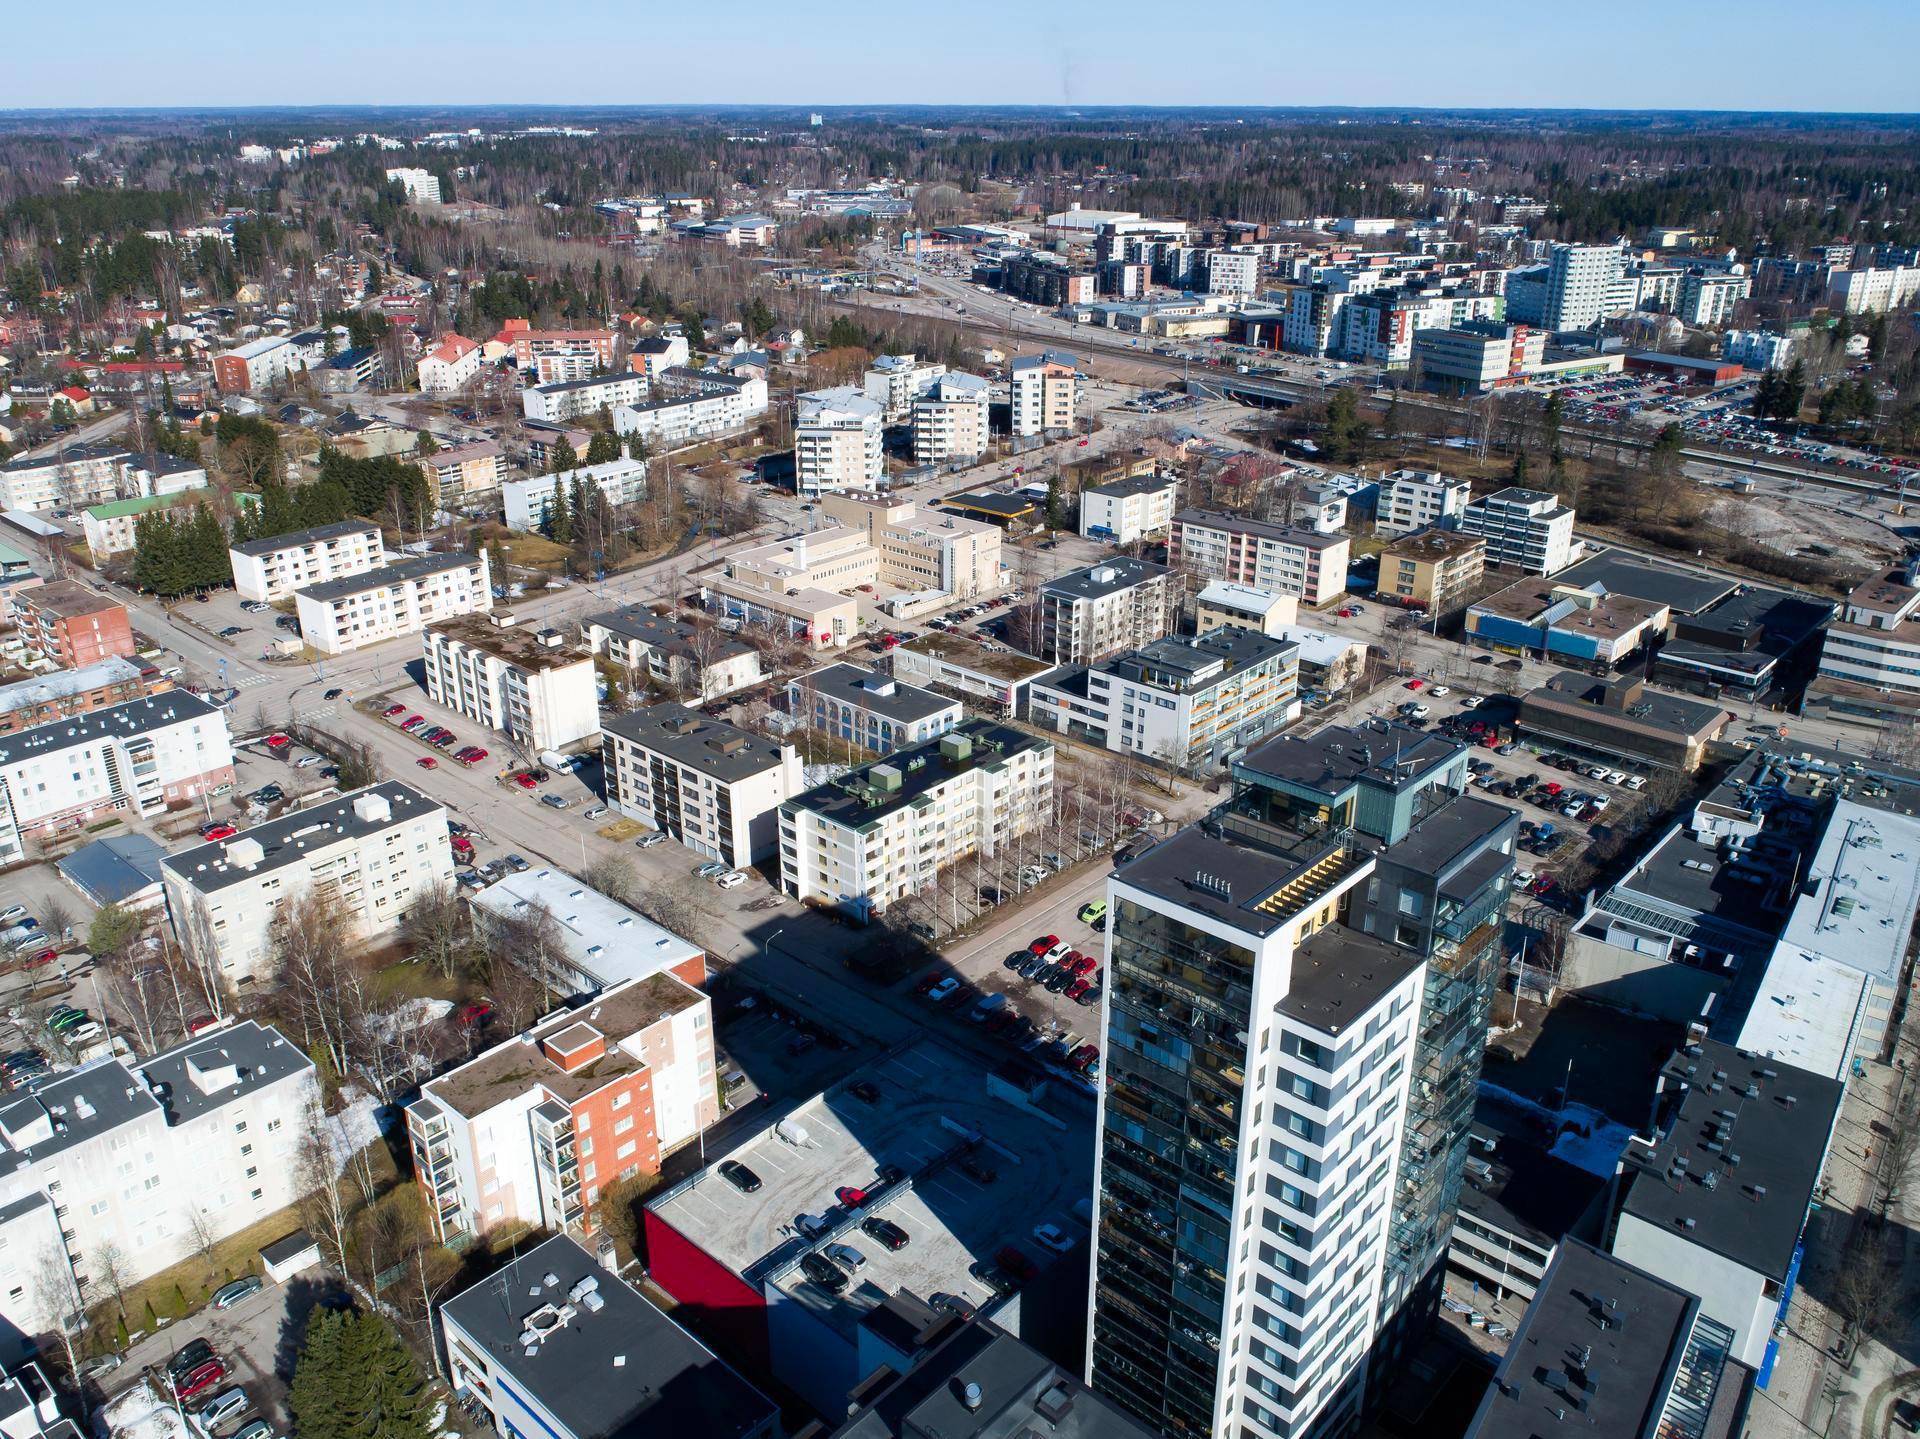 Järvenpää Asukasluku